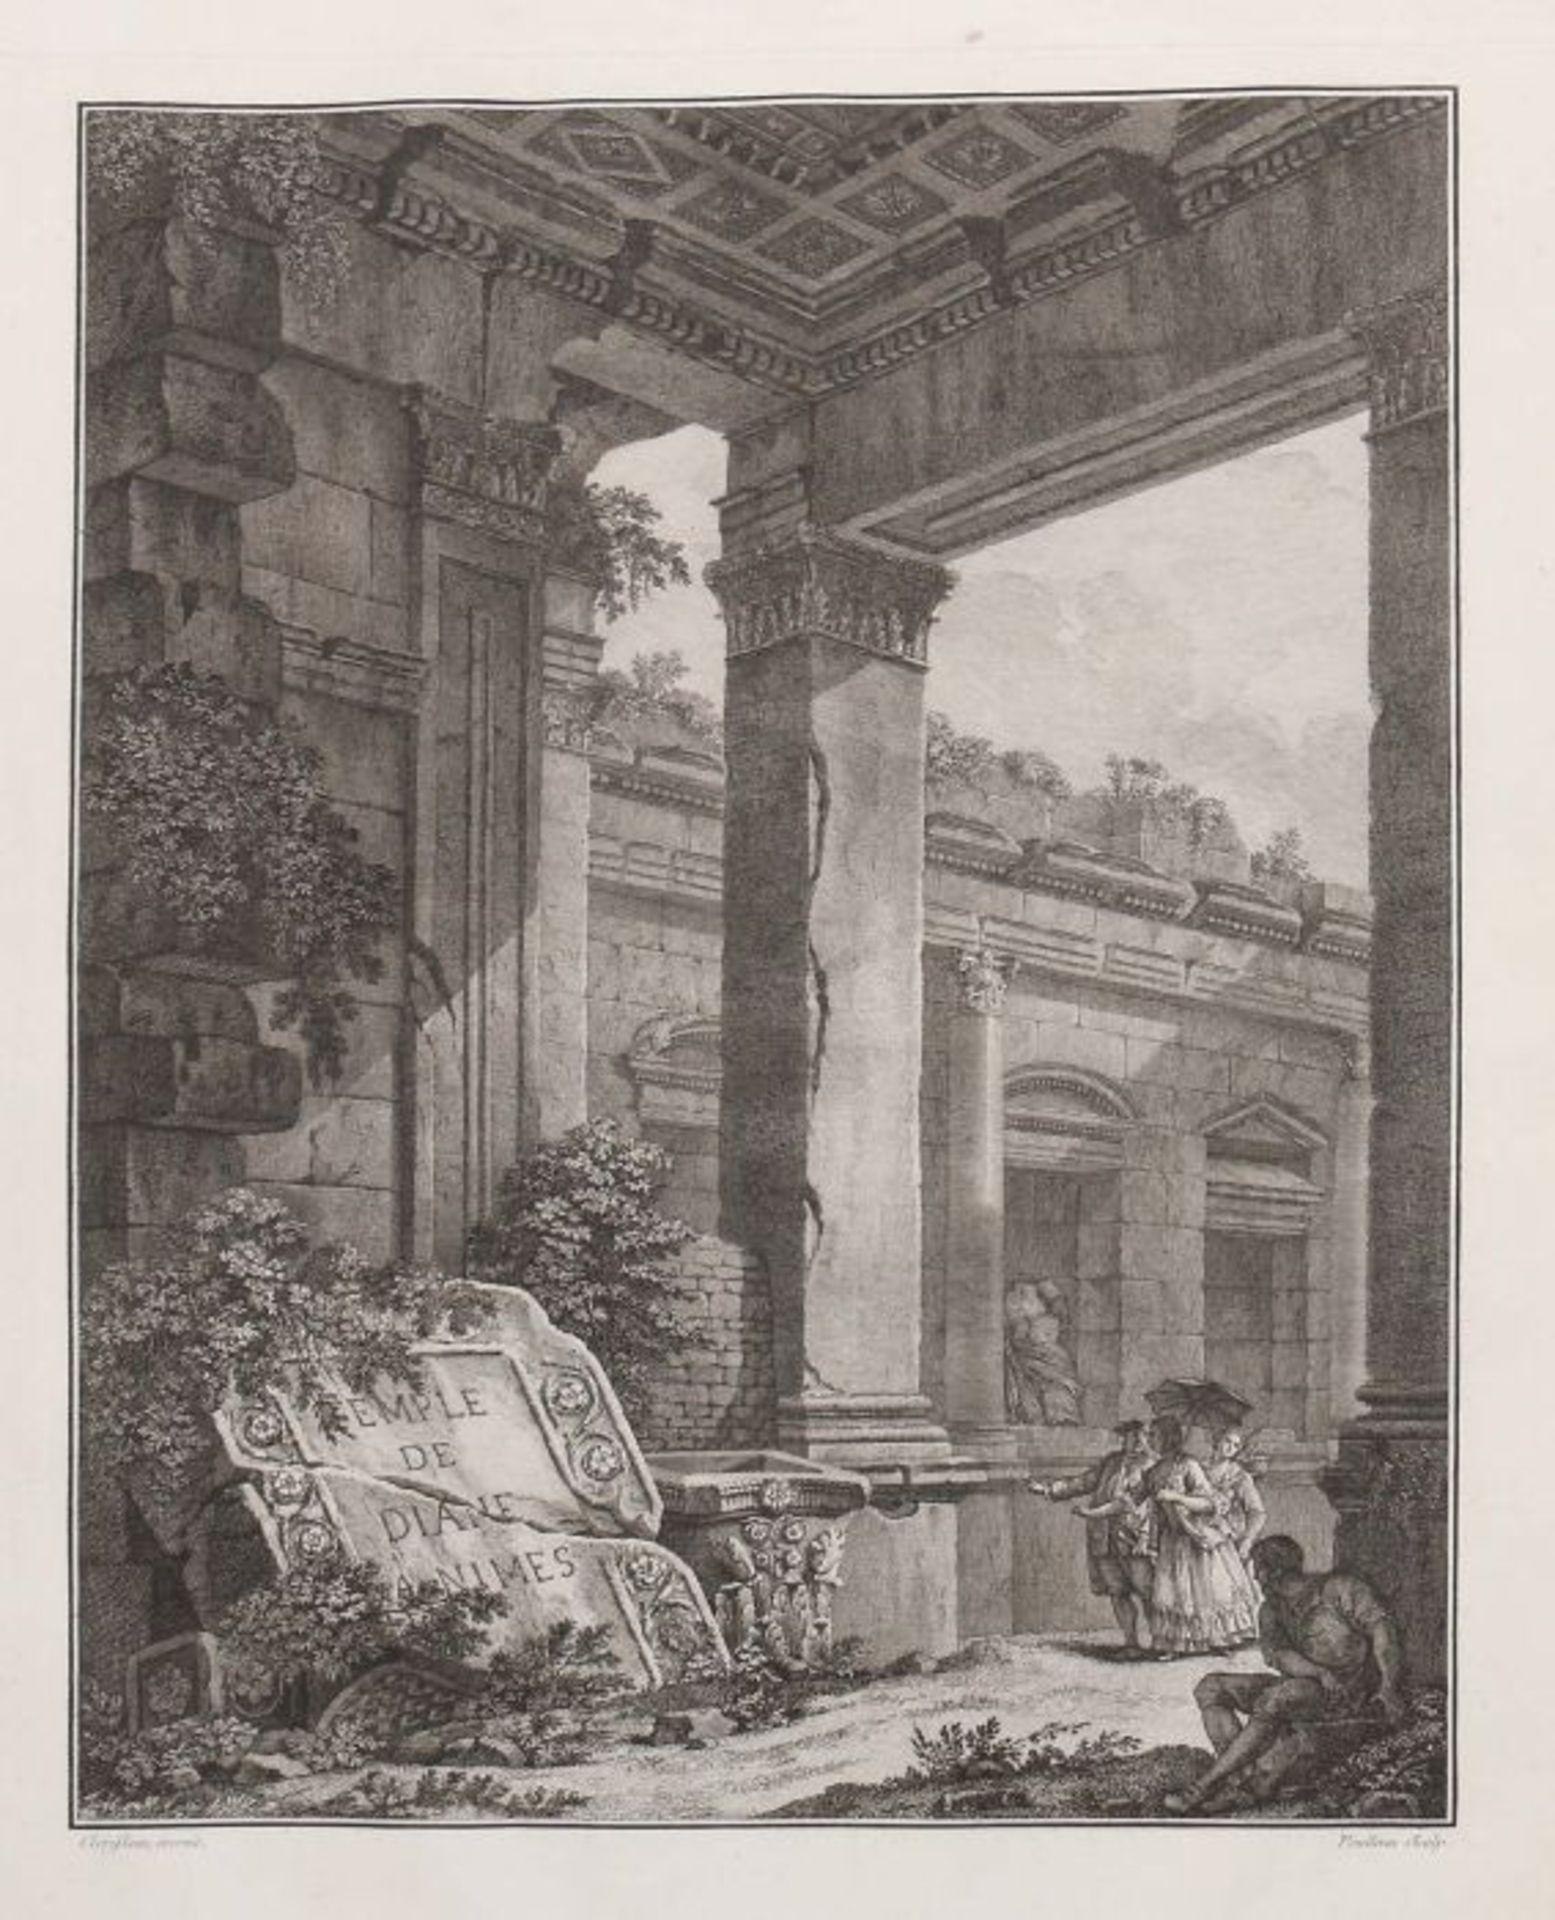 Clérisseau, Charles-Louis Antiquités de la France - Monumens de Nismes, Pierres, Paris, 1778, - Bild 3 aus 11